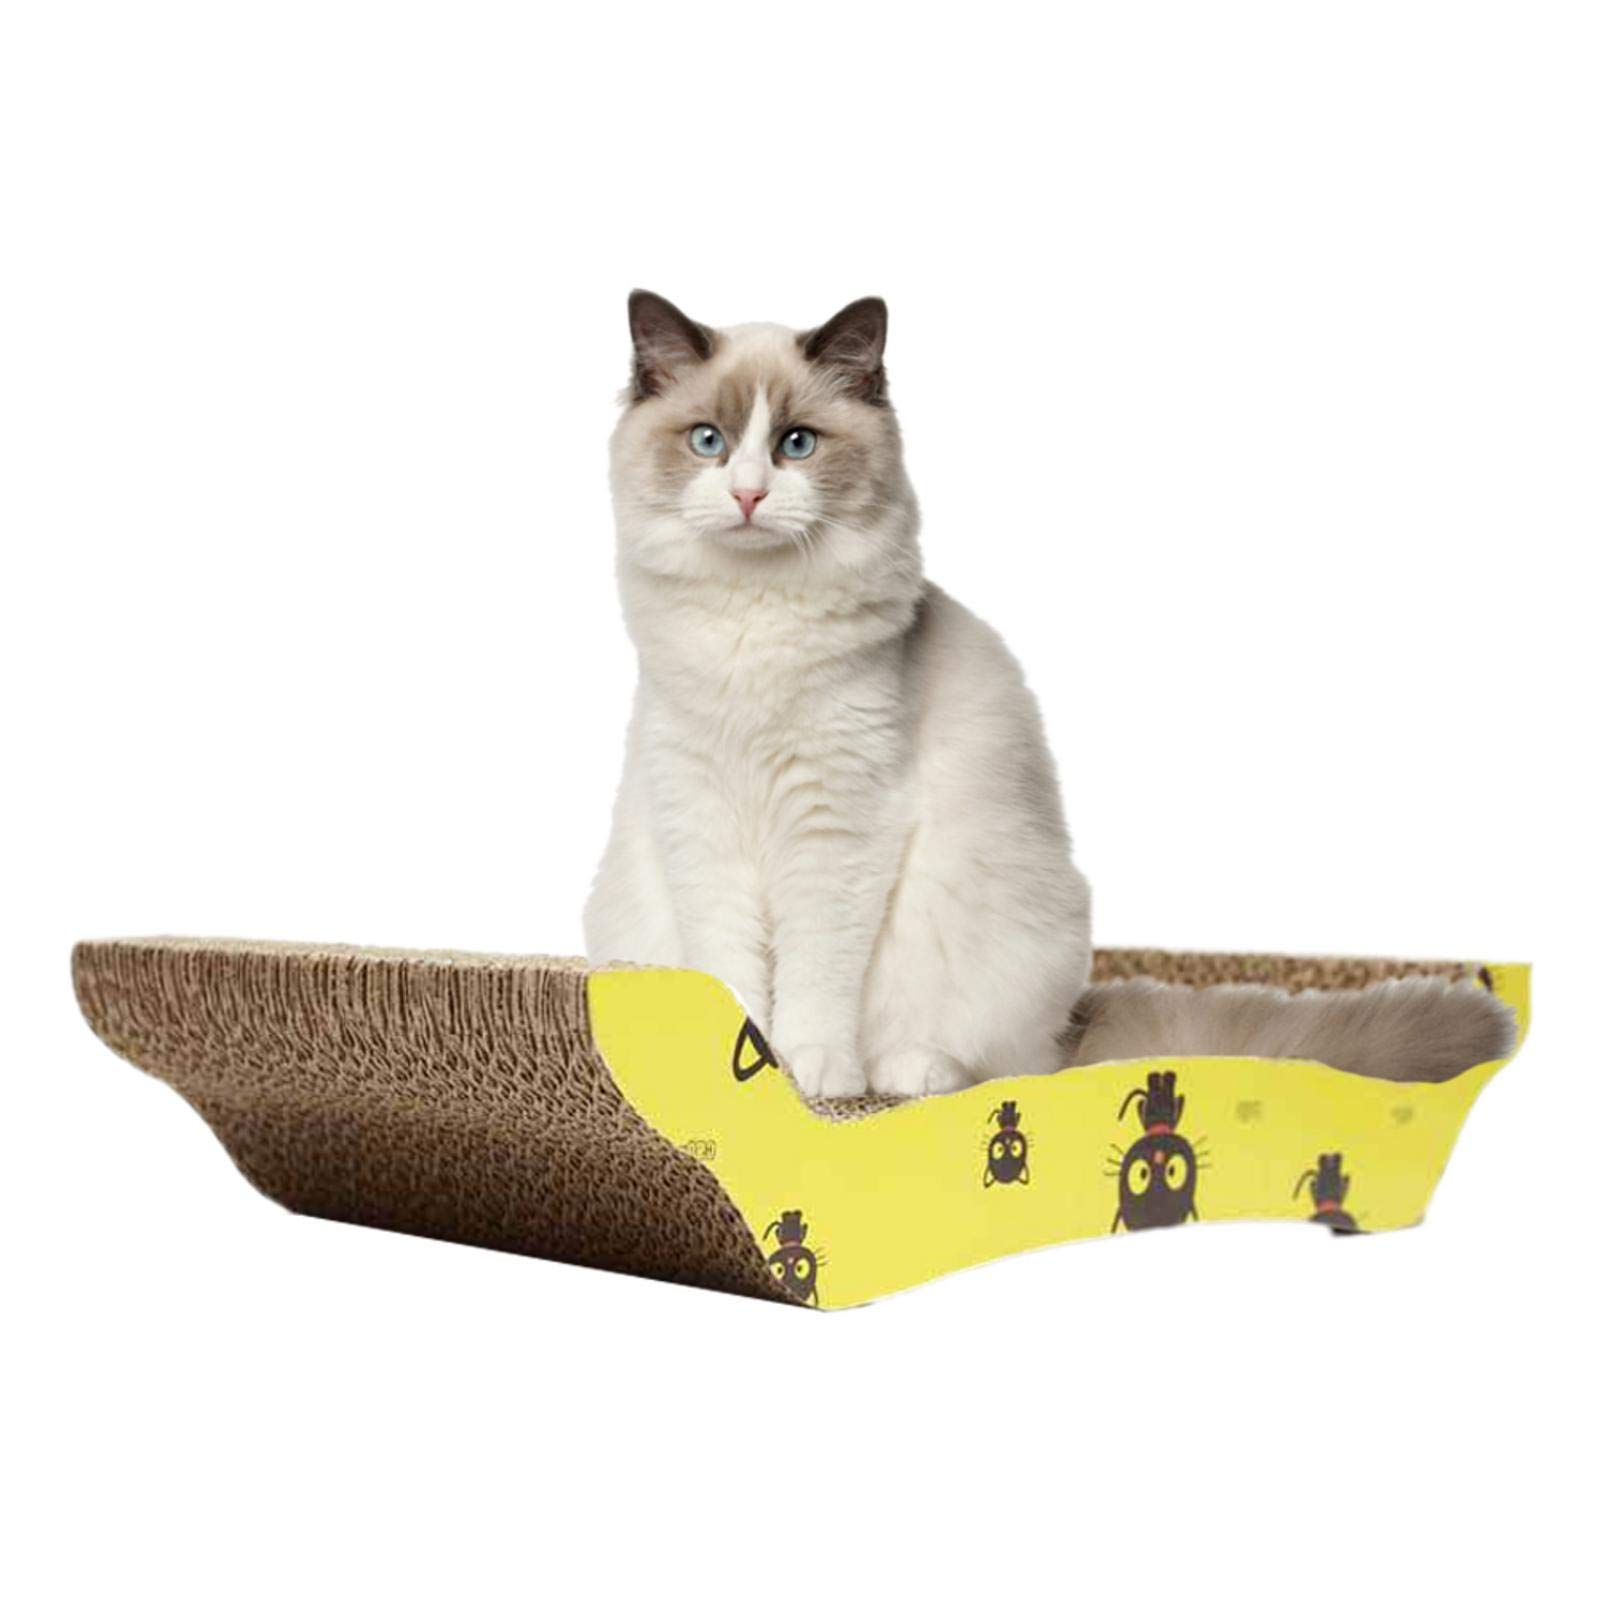 Rascador para Gatos para Cama y Sofá Almohadillas Rascadores para Gatos de Cartón Reciclado Corrugado, 41 X 7.5 X 21cm: Amazon.es: Productos para mascotas